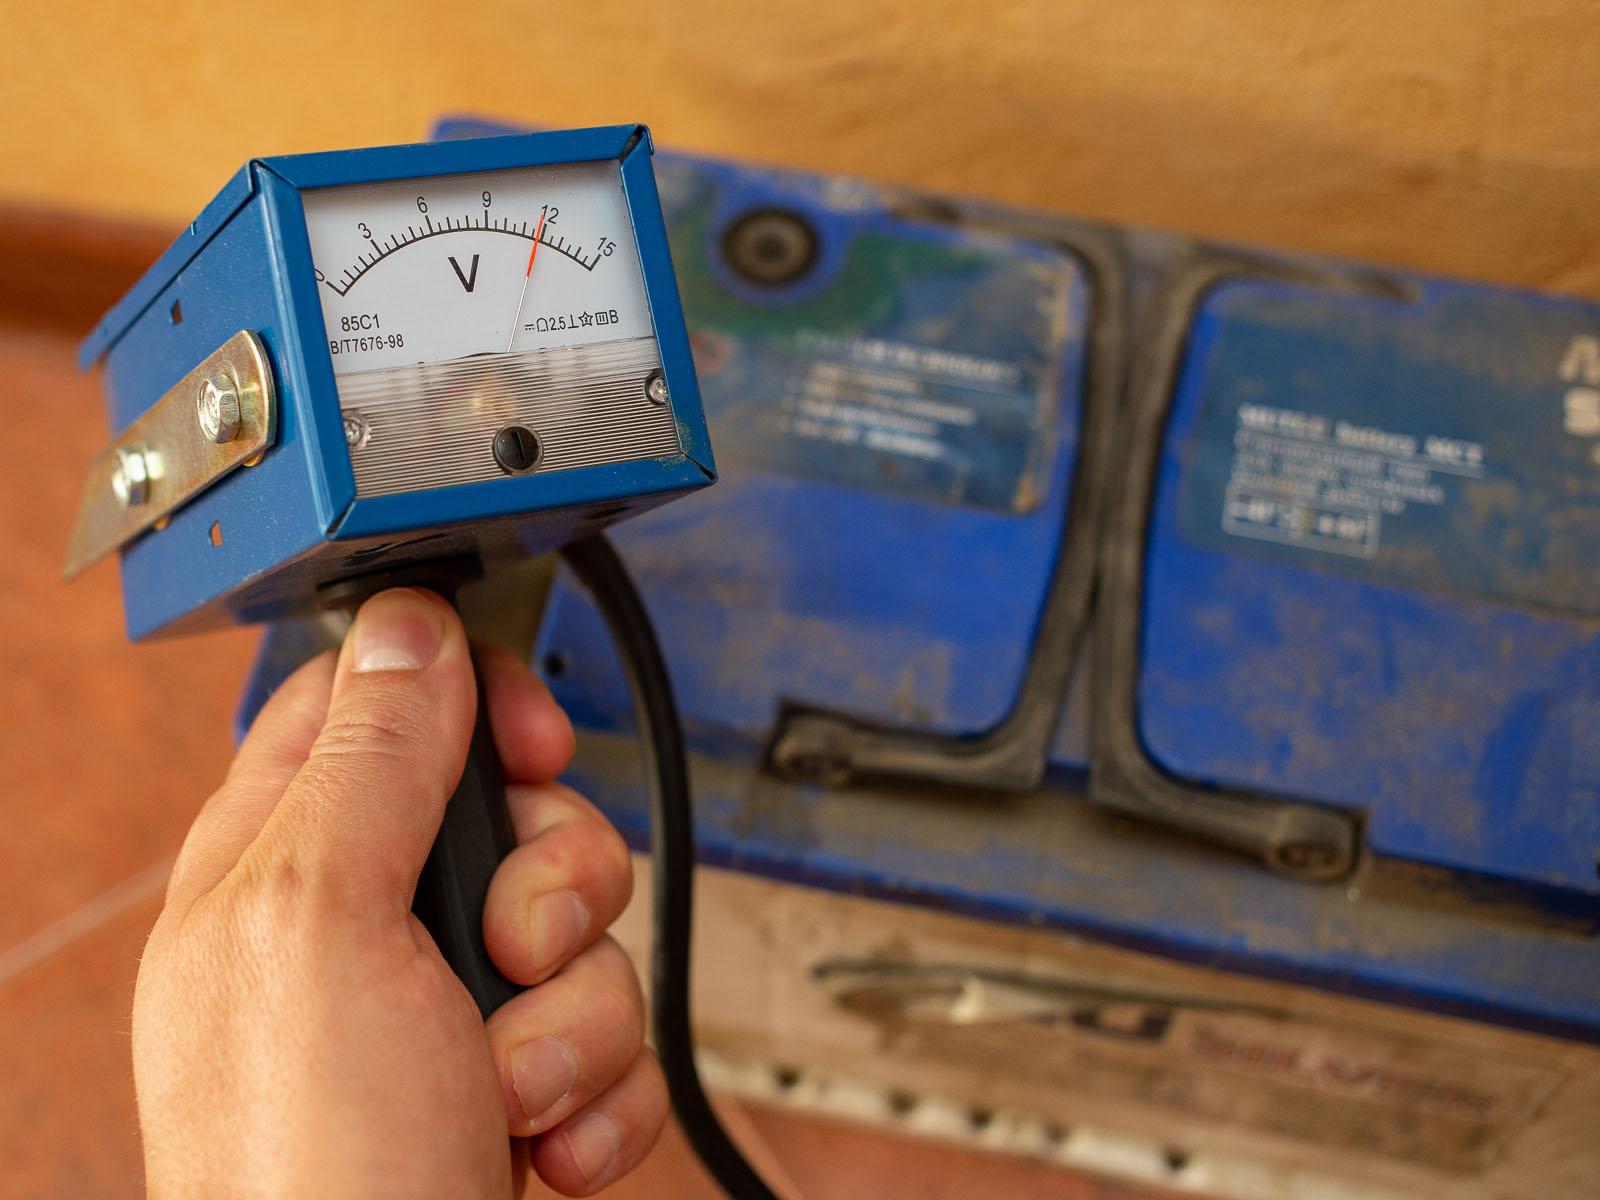 analog nagryzochnaya vilka - Как проверить аккумулятор нагрузочной вилкой